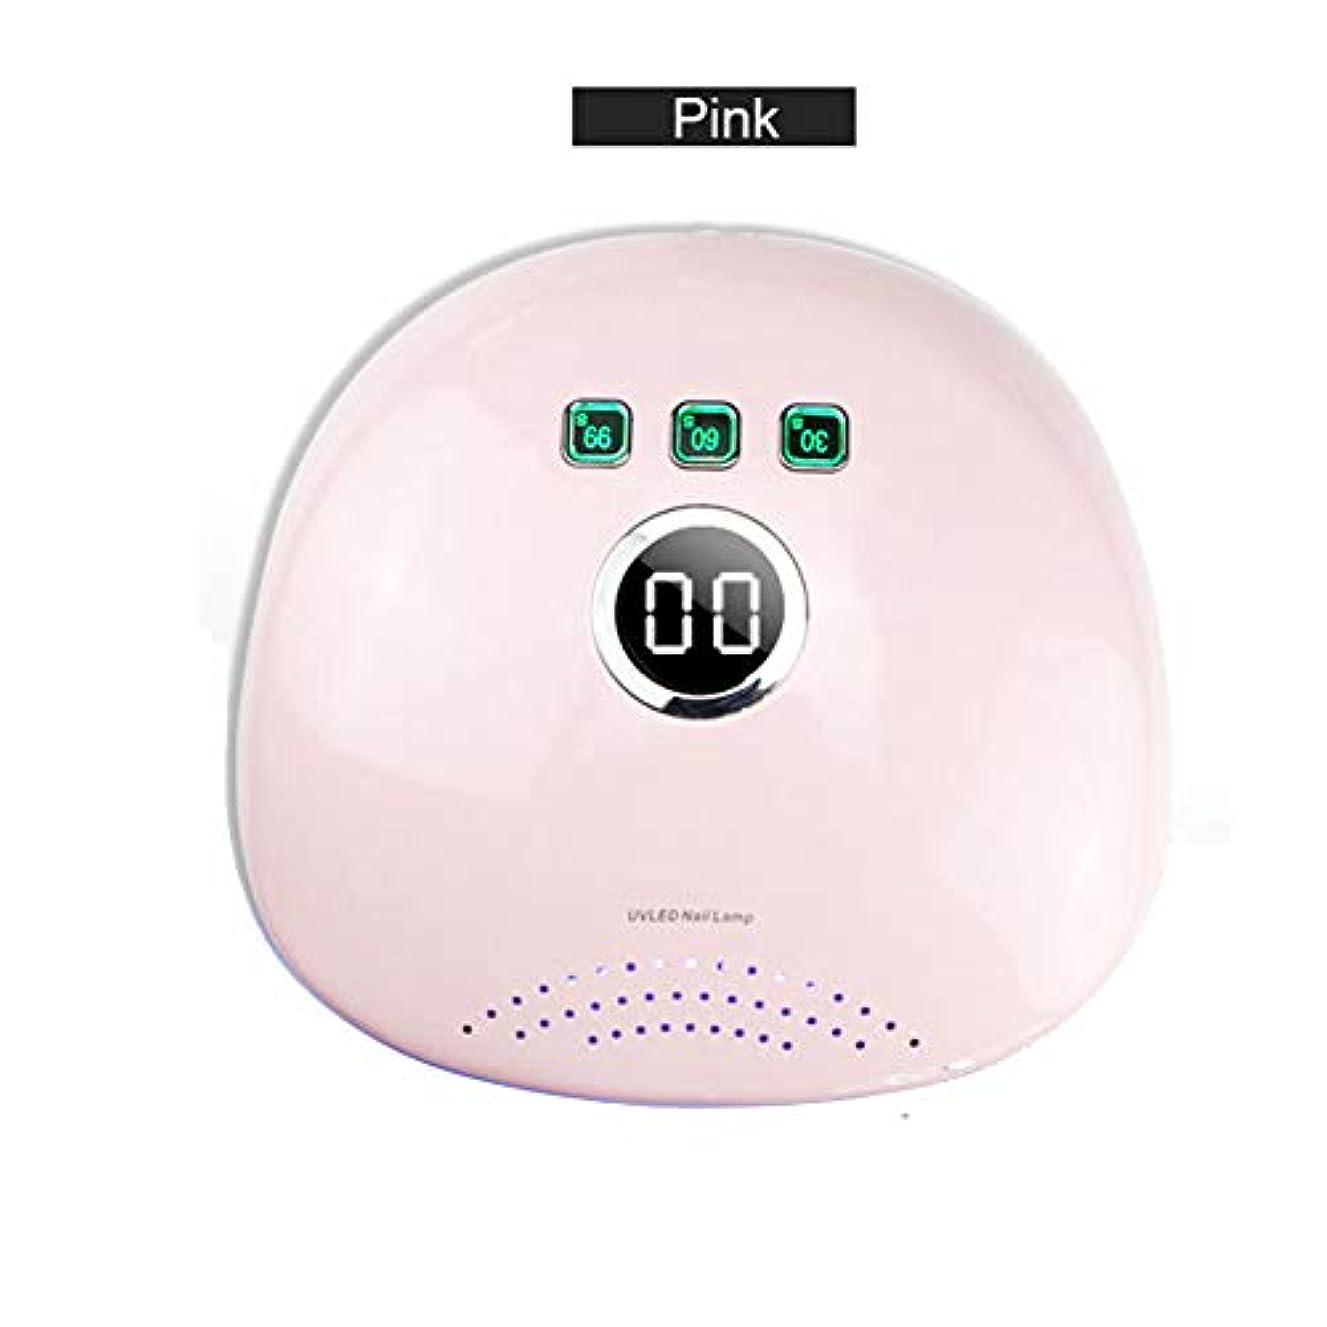 不透明な撤退盲信紫外線LEDの釘ランプ、ゲルのための48W専門の紫外線ランプは取り外し可能な基盤が付いている30/60 / 99sタイマーの二重ライトモードを釘付けします,Pink